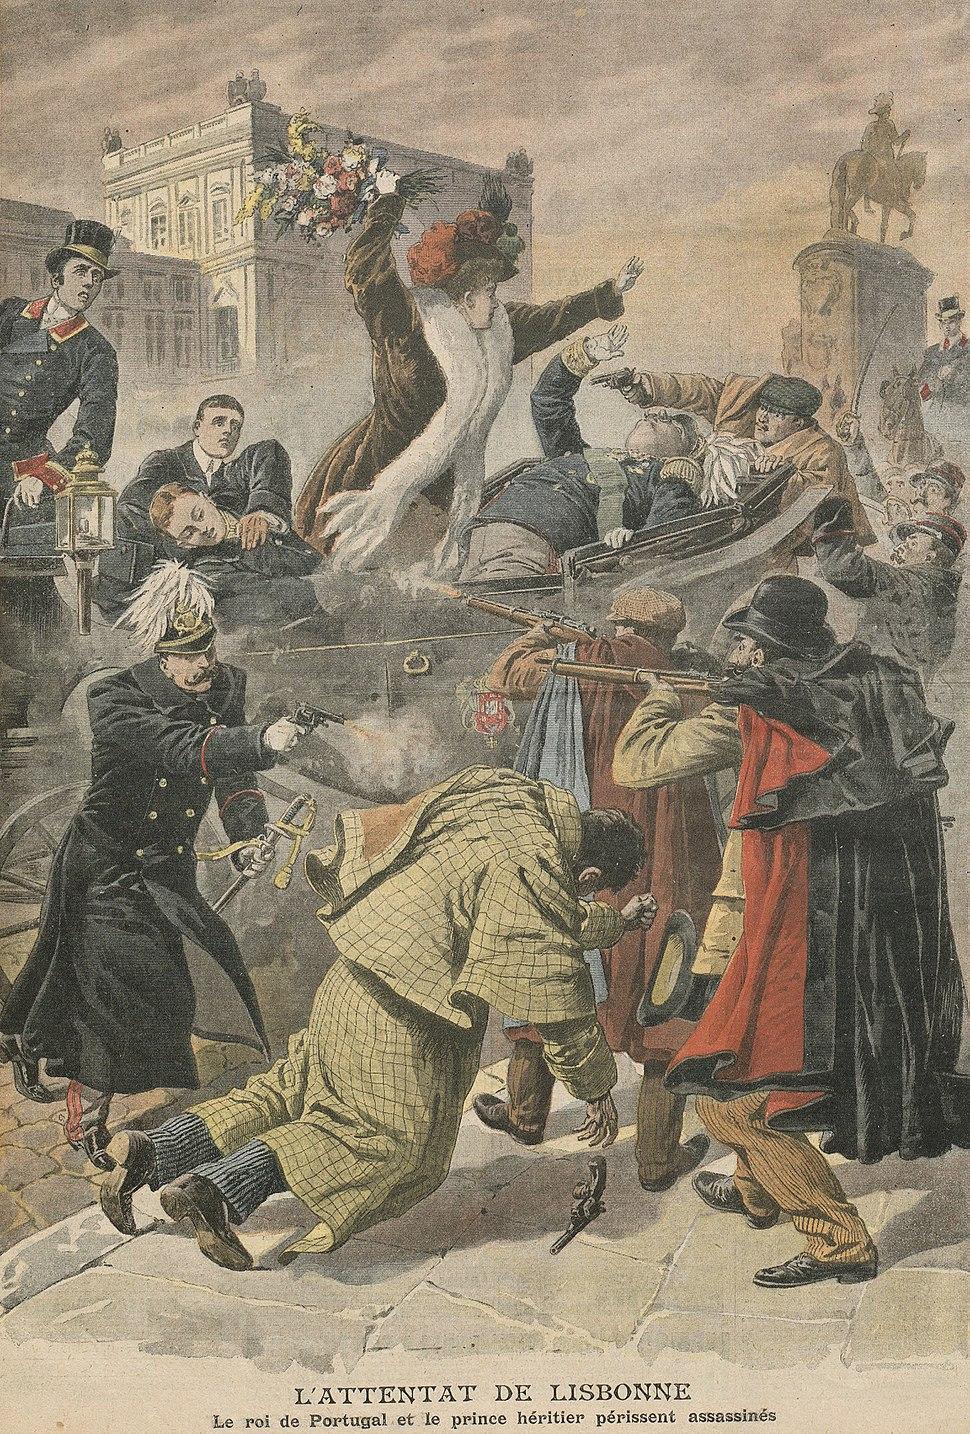 L'attentat de Lisbonne